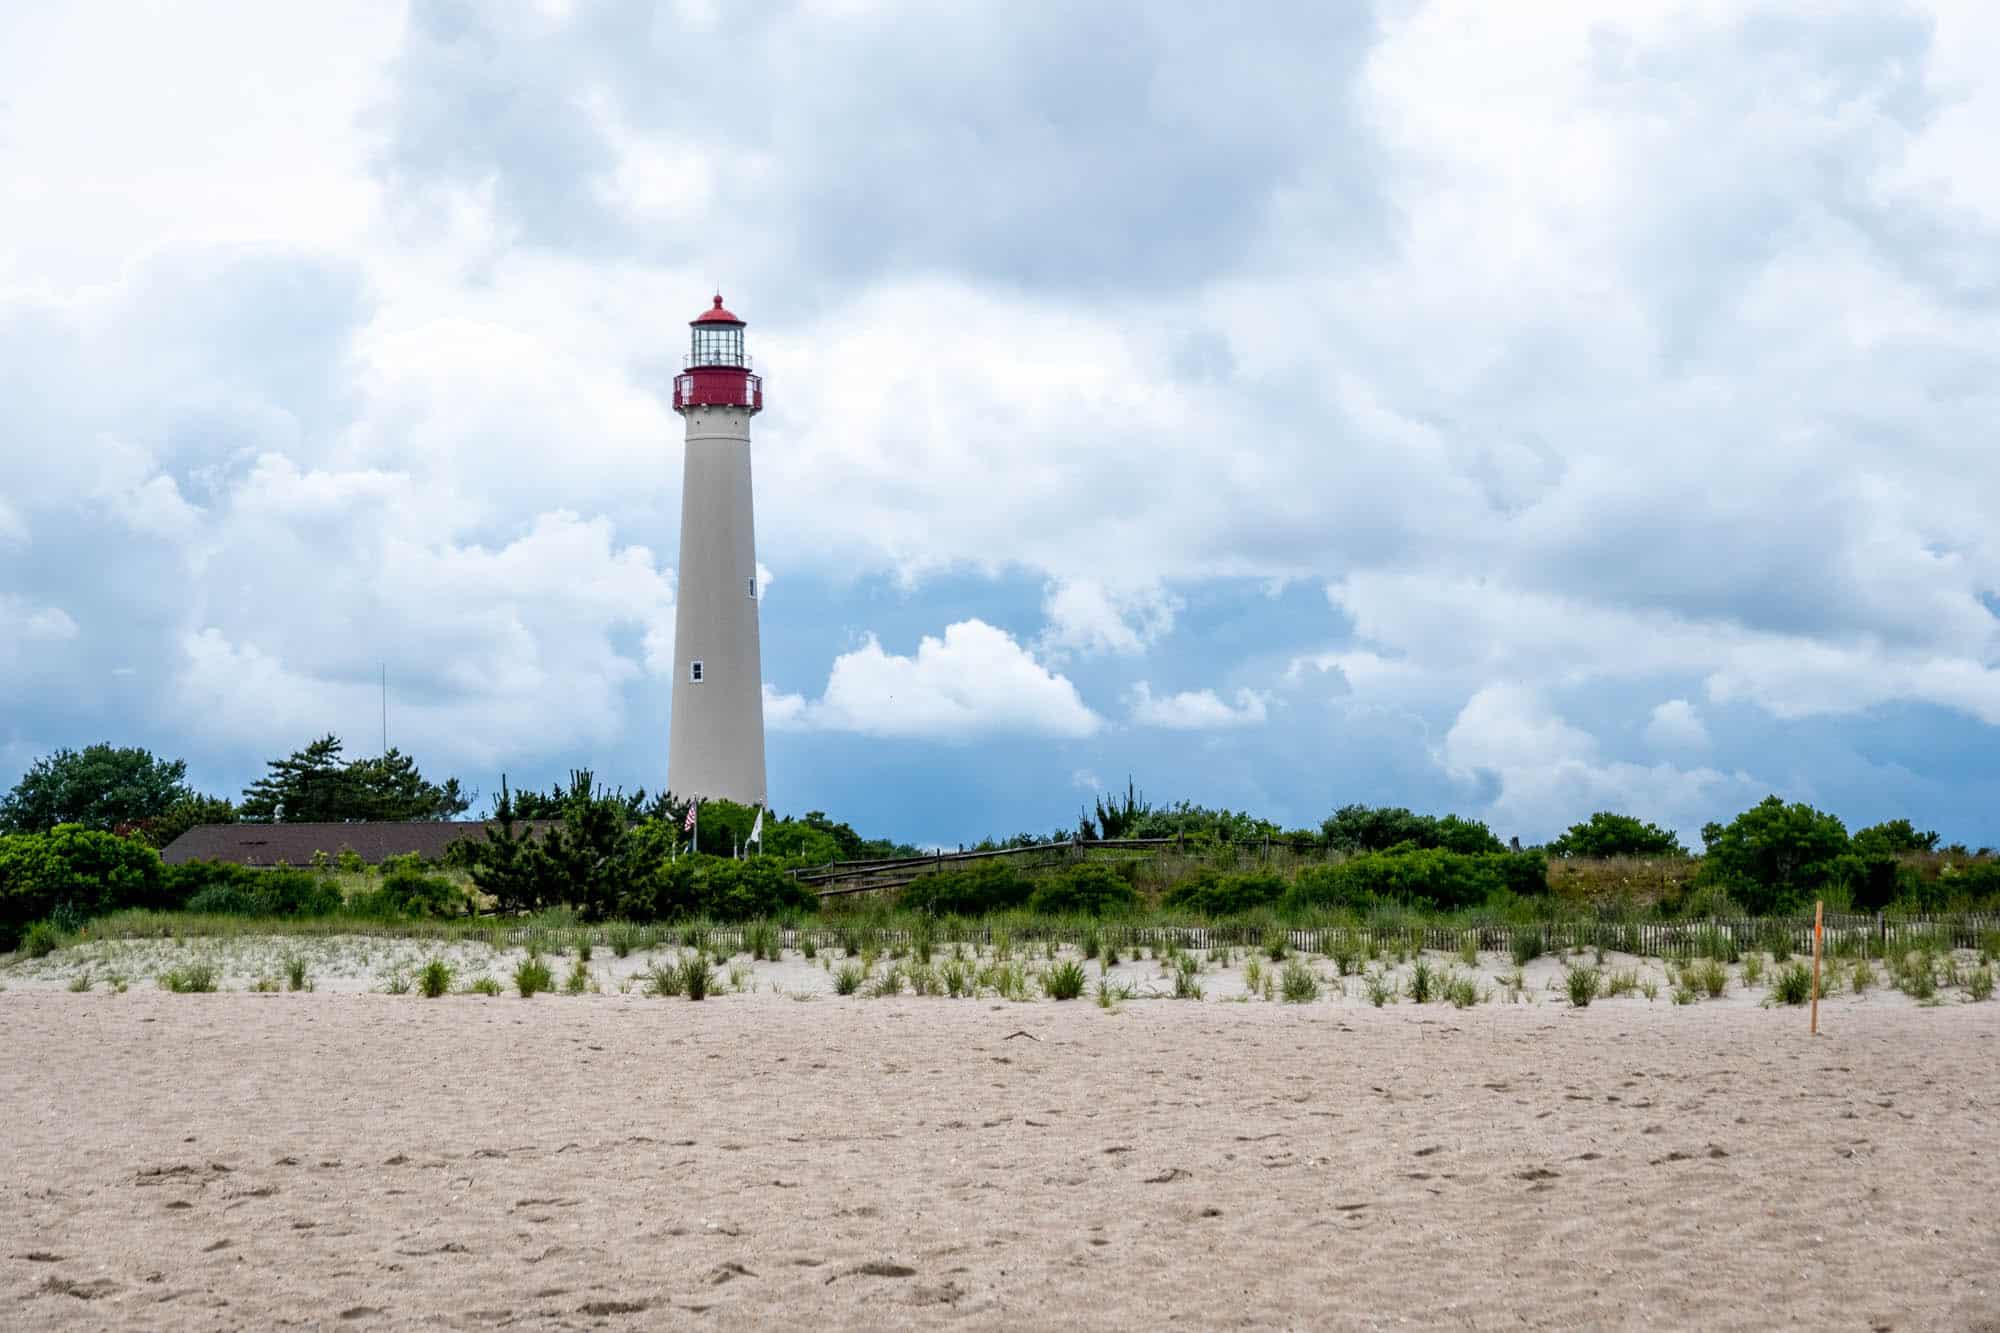 Lighthouse above sandy beach